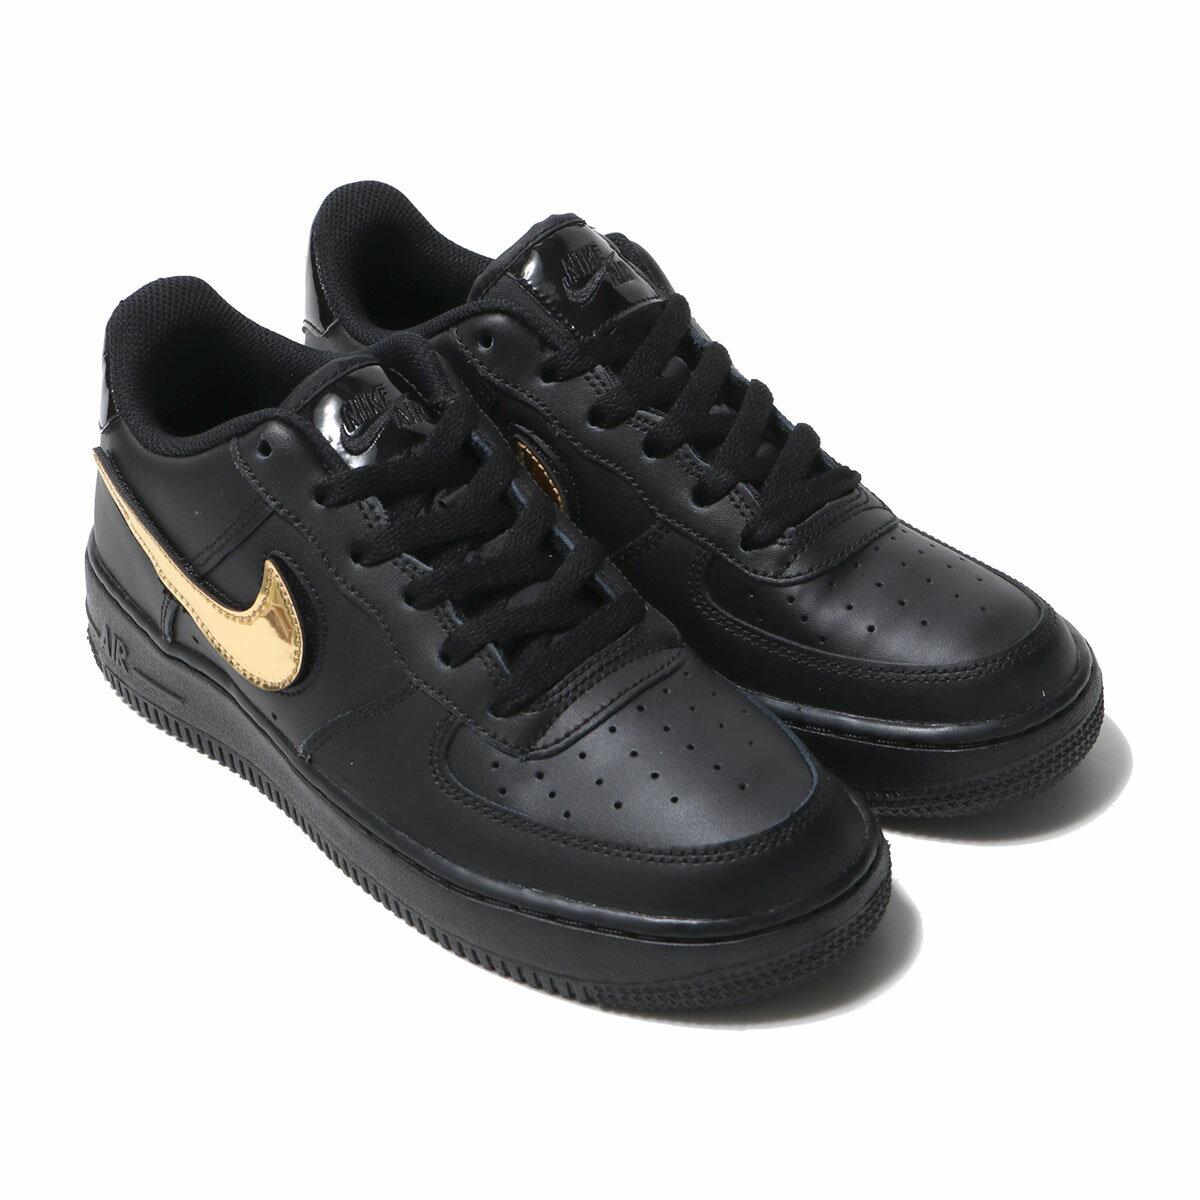 靴, スニーカー NIKE AIR FORCE 1 LV8 3(GS) 1 LV8 3 GS(BLACKBLACK-BLACK-WHITE) 19FA-I